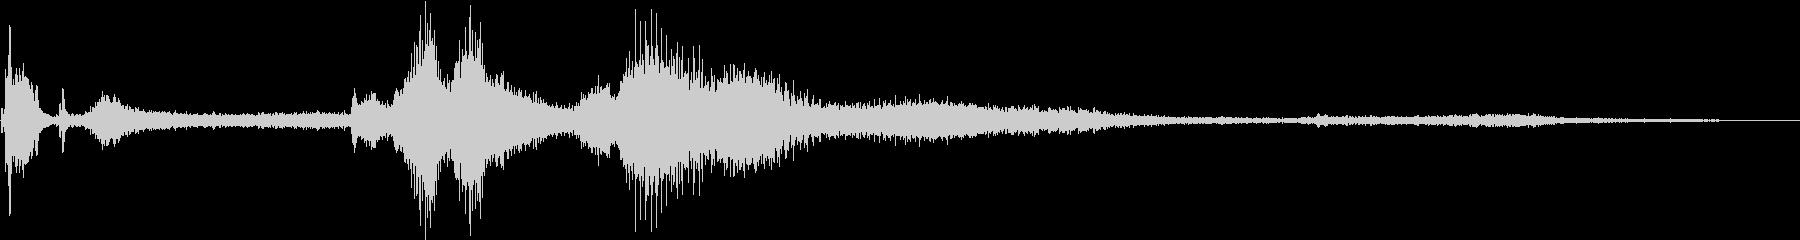 1938ジェンセンデュアルカウル:...の未再生の波形